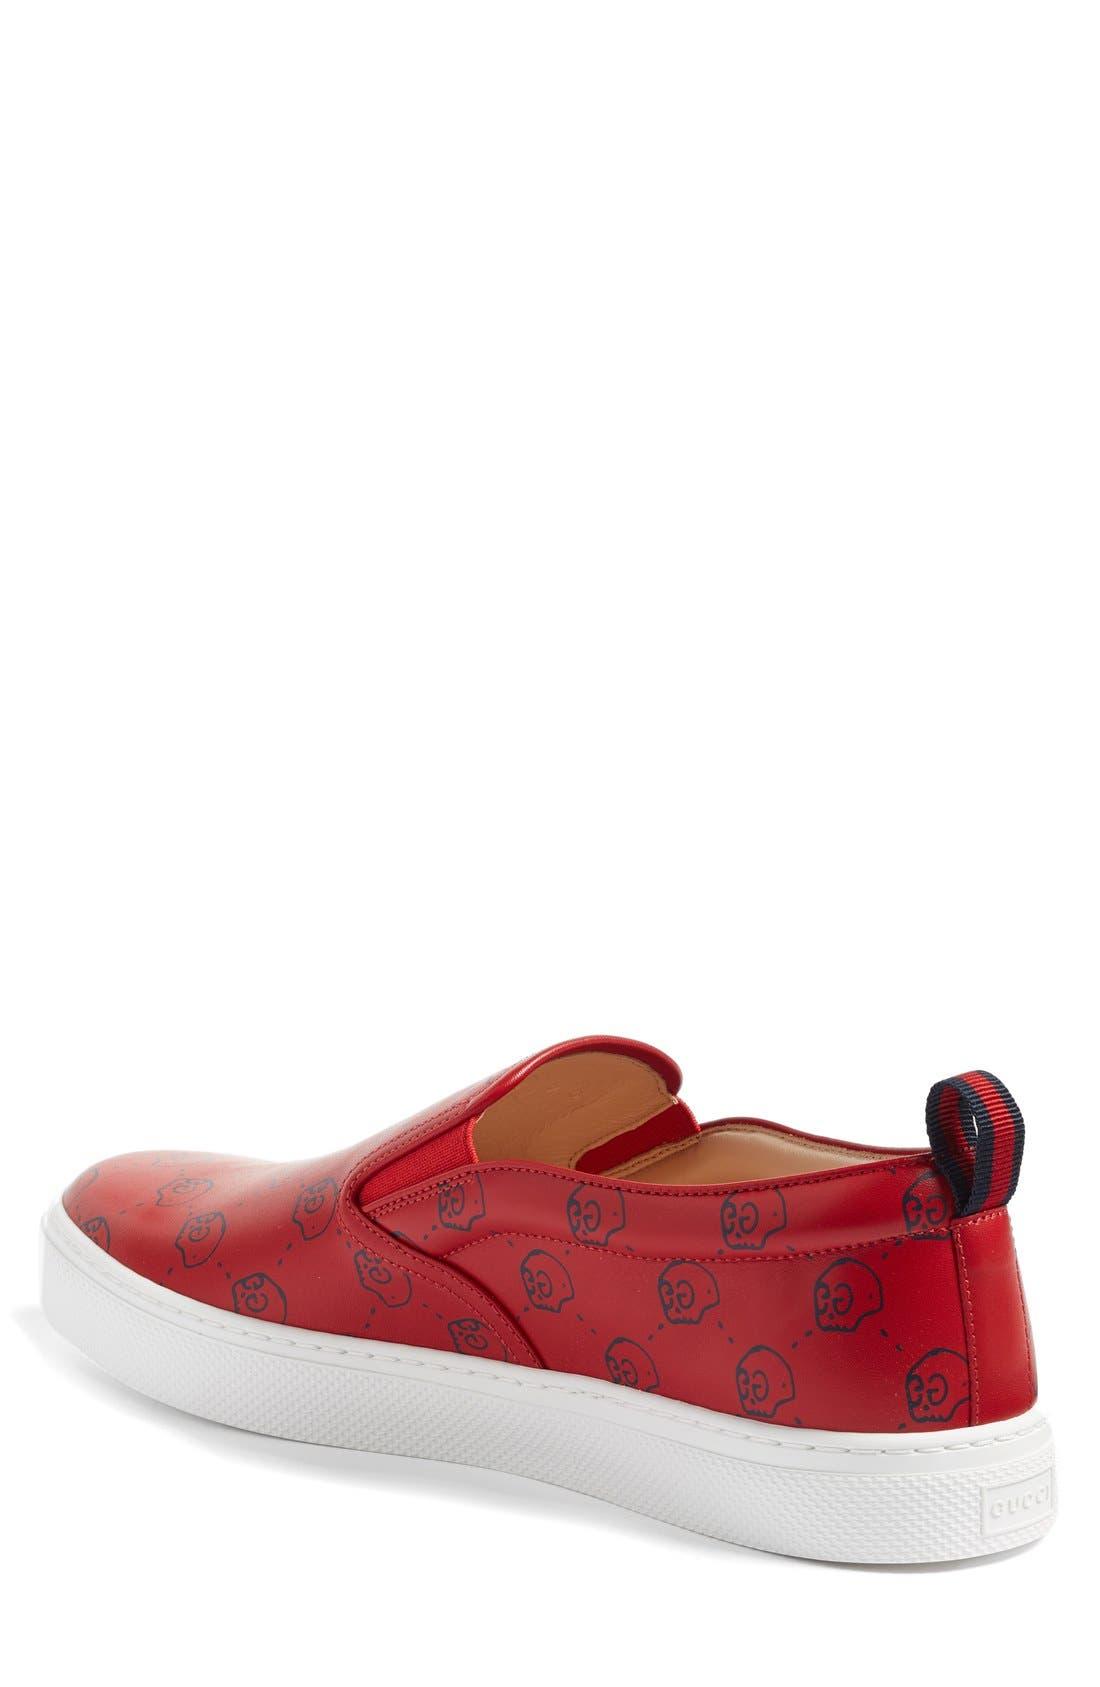 Dublin Slip-On Sneaker,                             Alternate thumbnail 32, color,